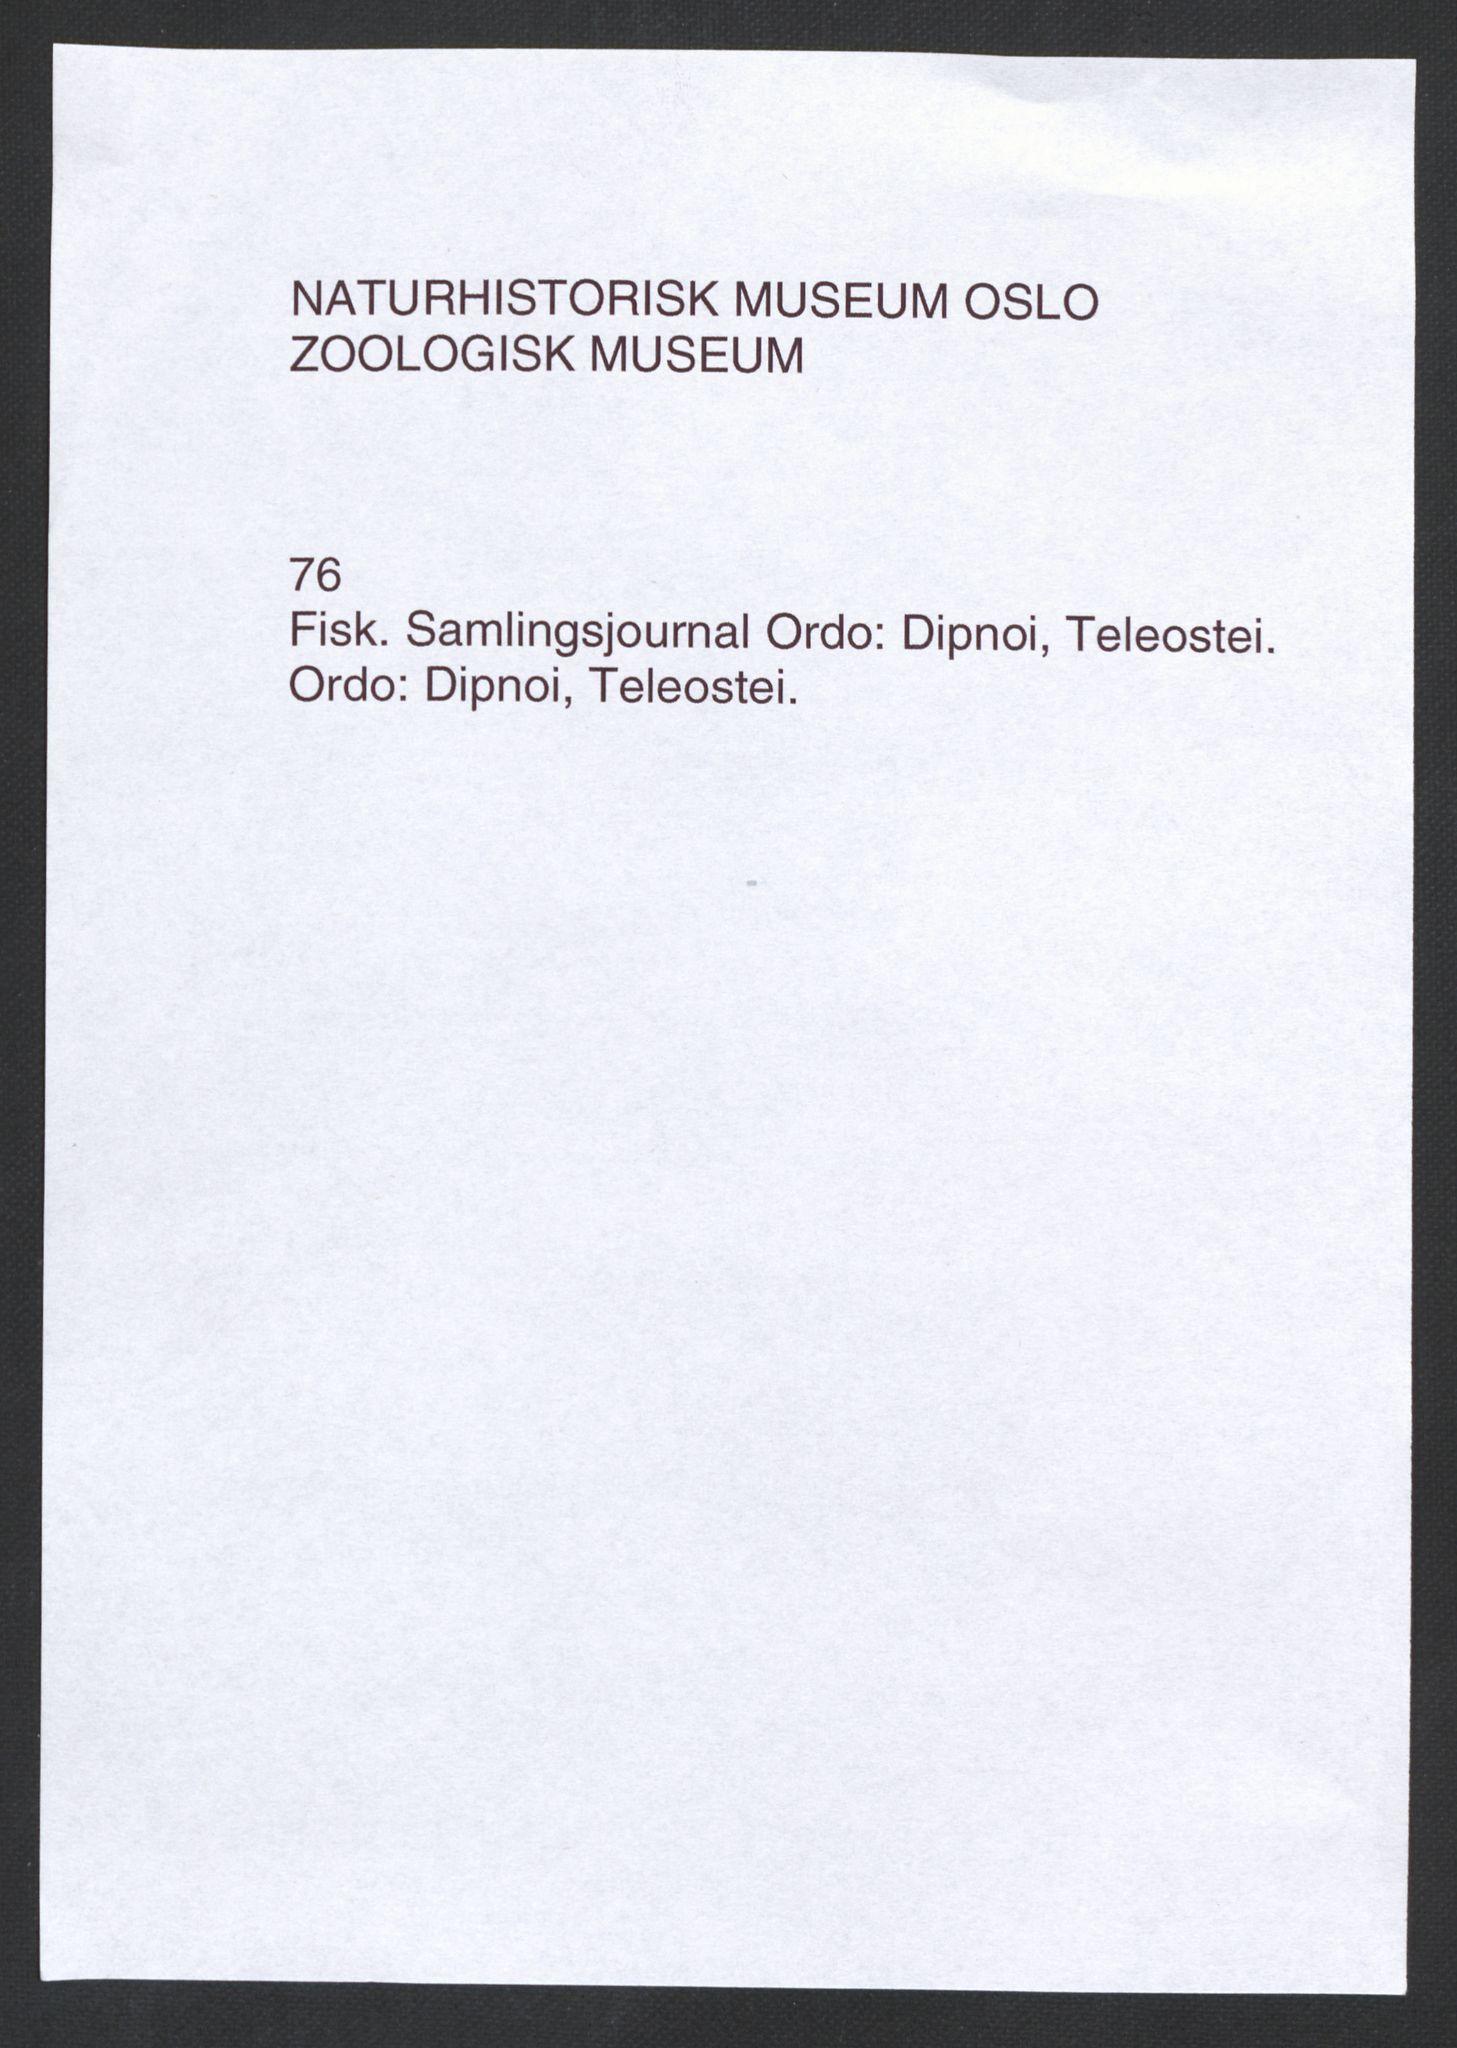 NHMO, Naturhistorisk museum (Oslo), 1: Fisk. Taksonomisk journal. Ordo: Dipnoi, Teleostei